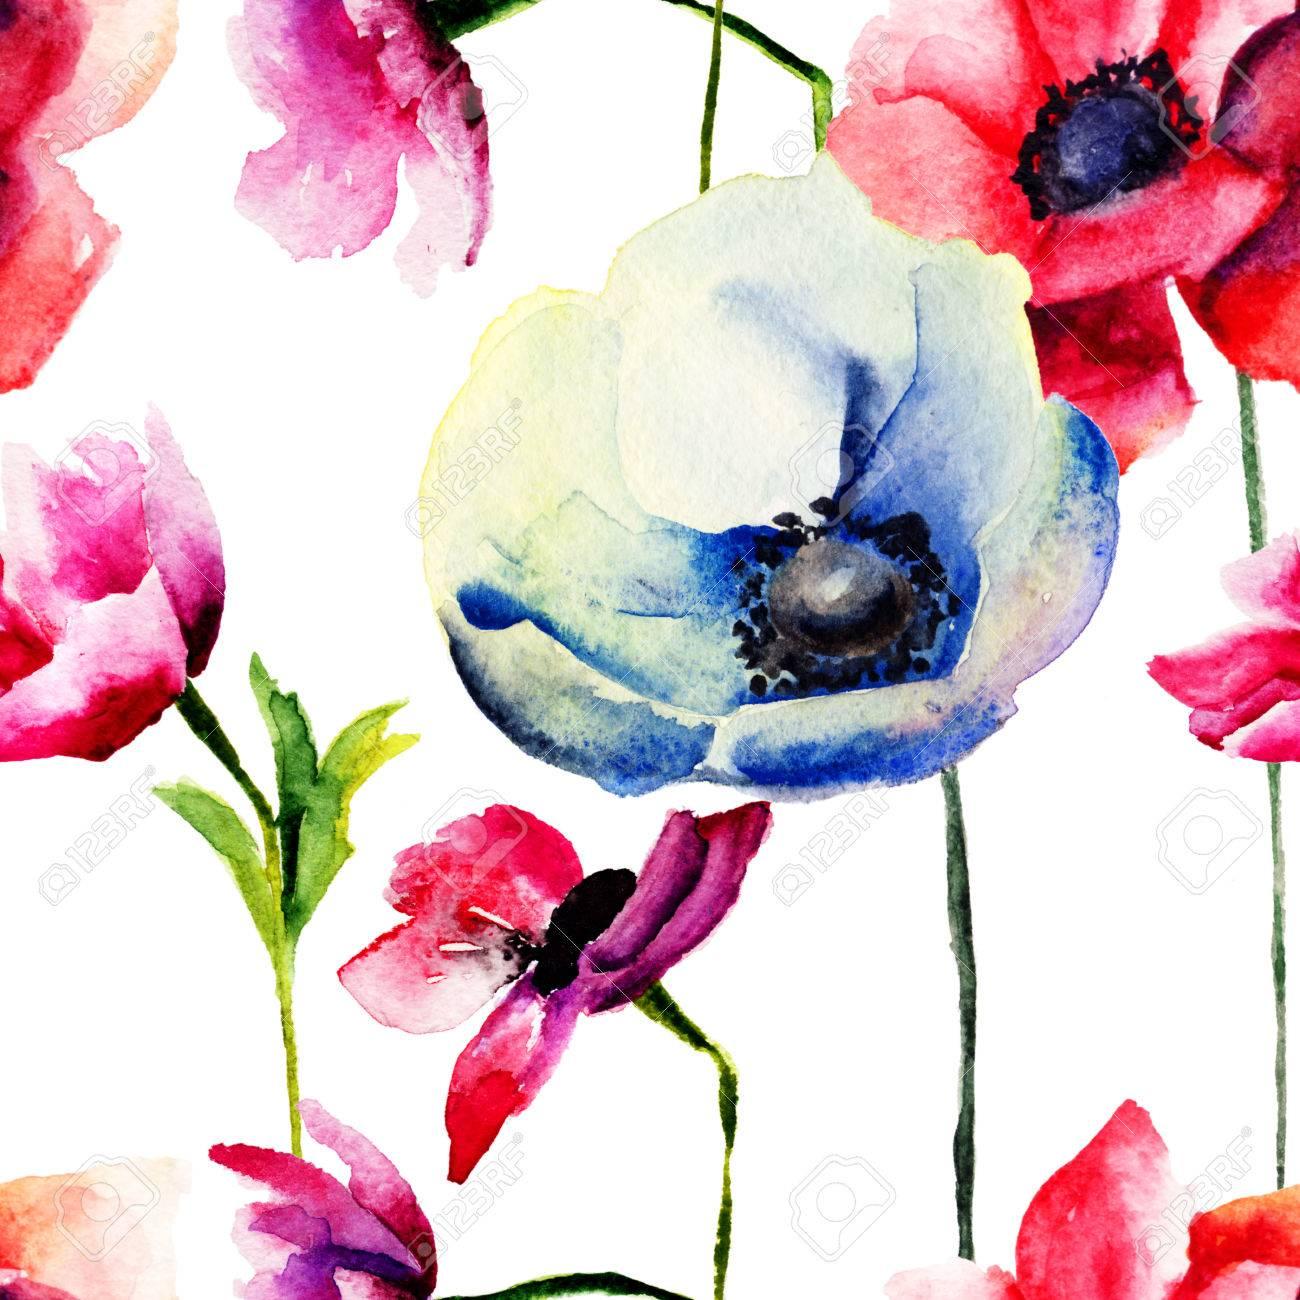 fond d ecran transparente avec des fleurs de printemps illustration d aquarelle